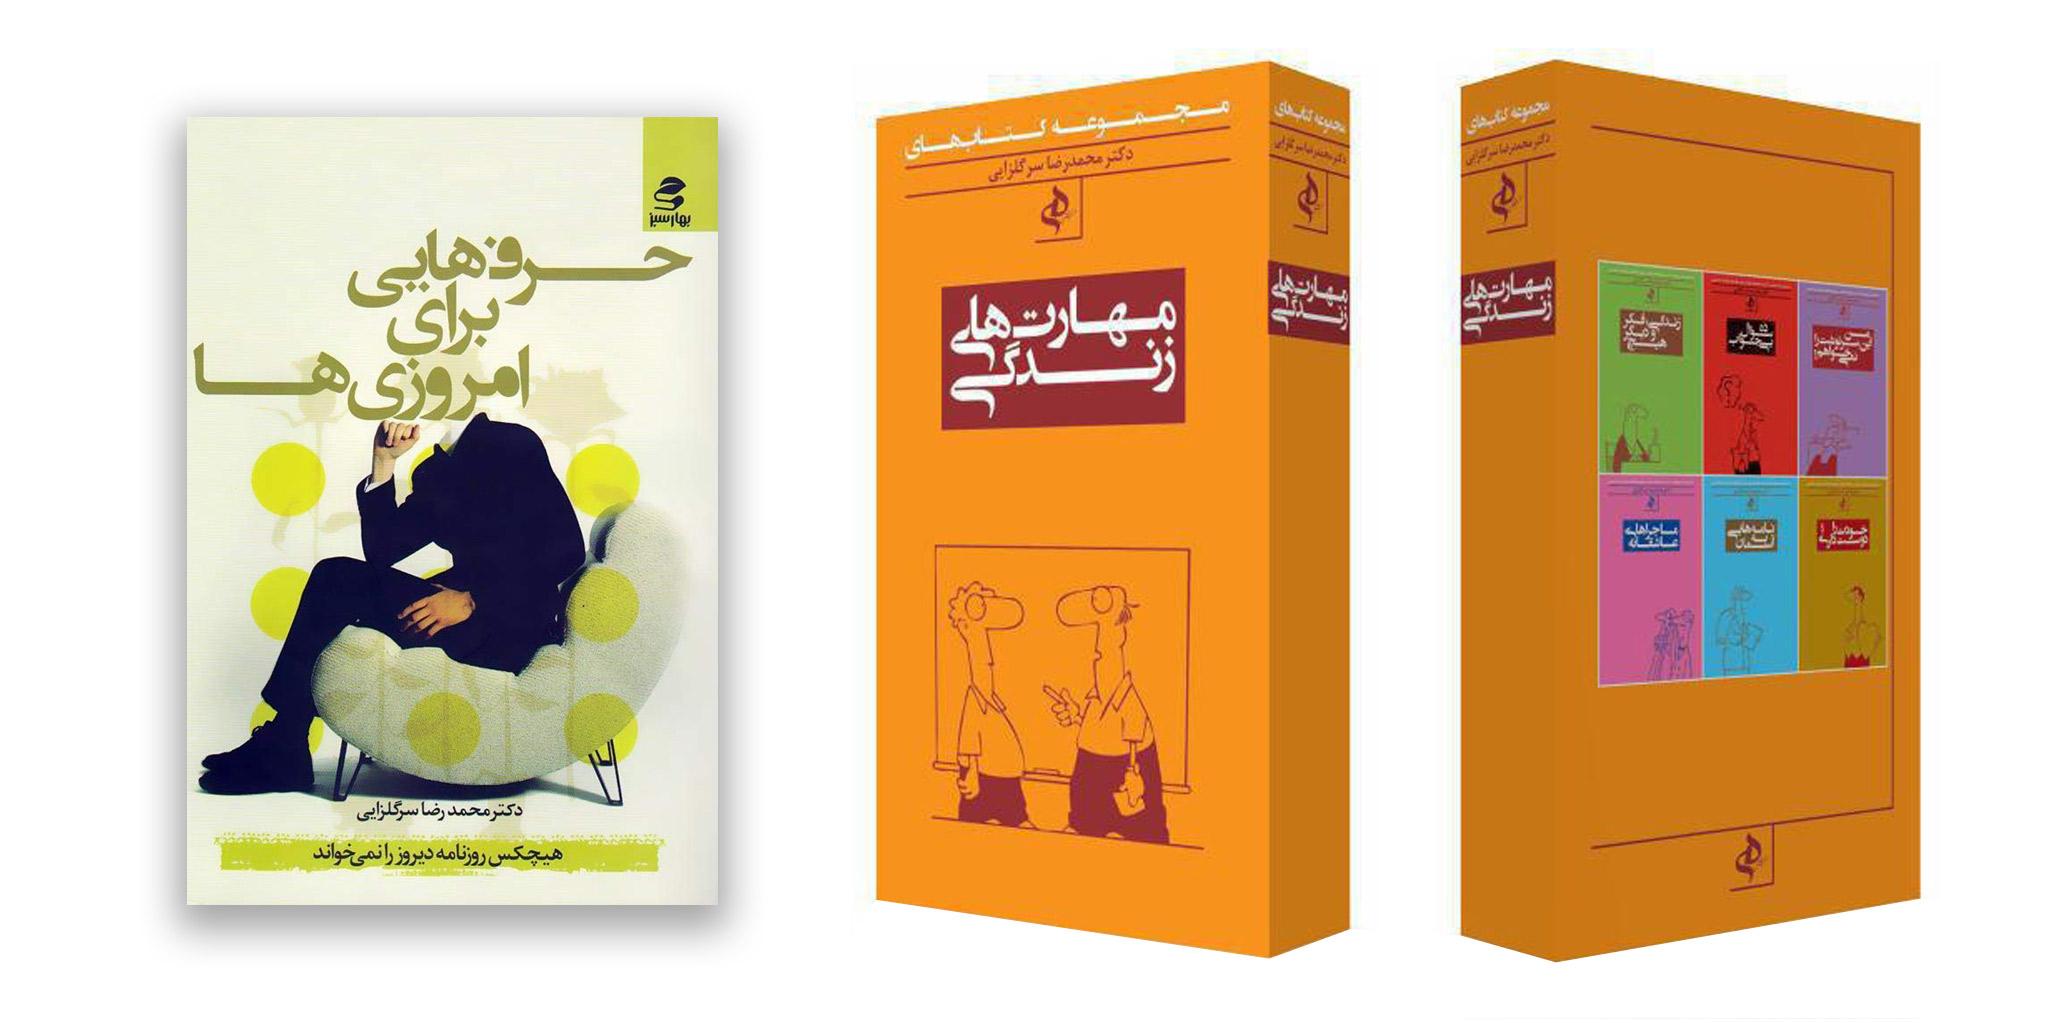 پیشنهاد کتاب برای نوجوانان